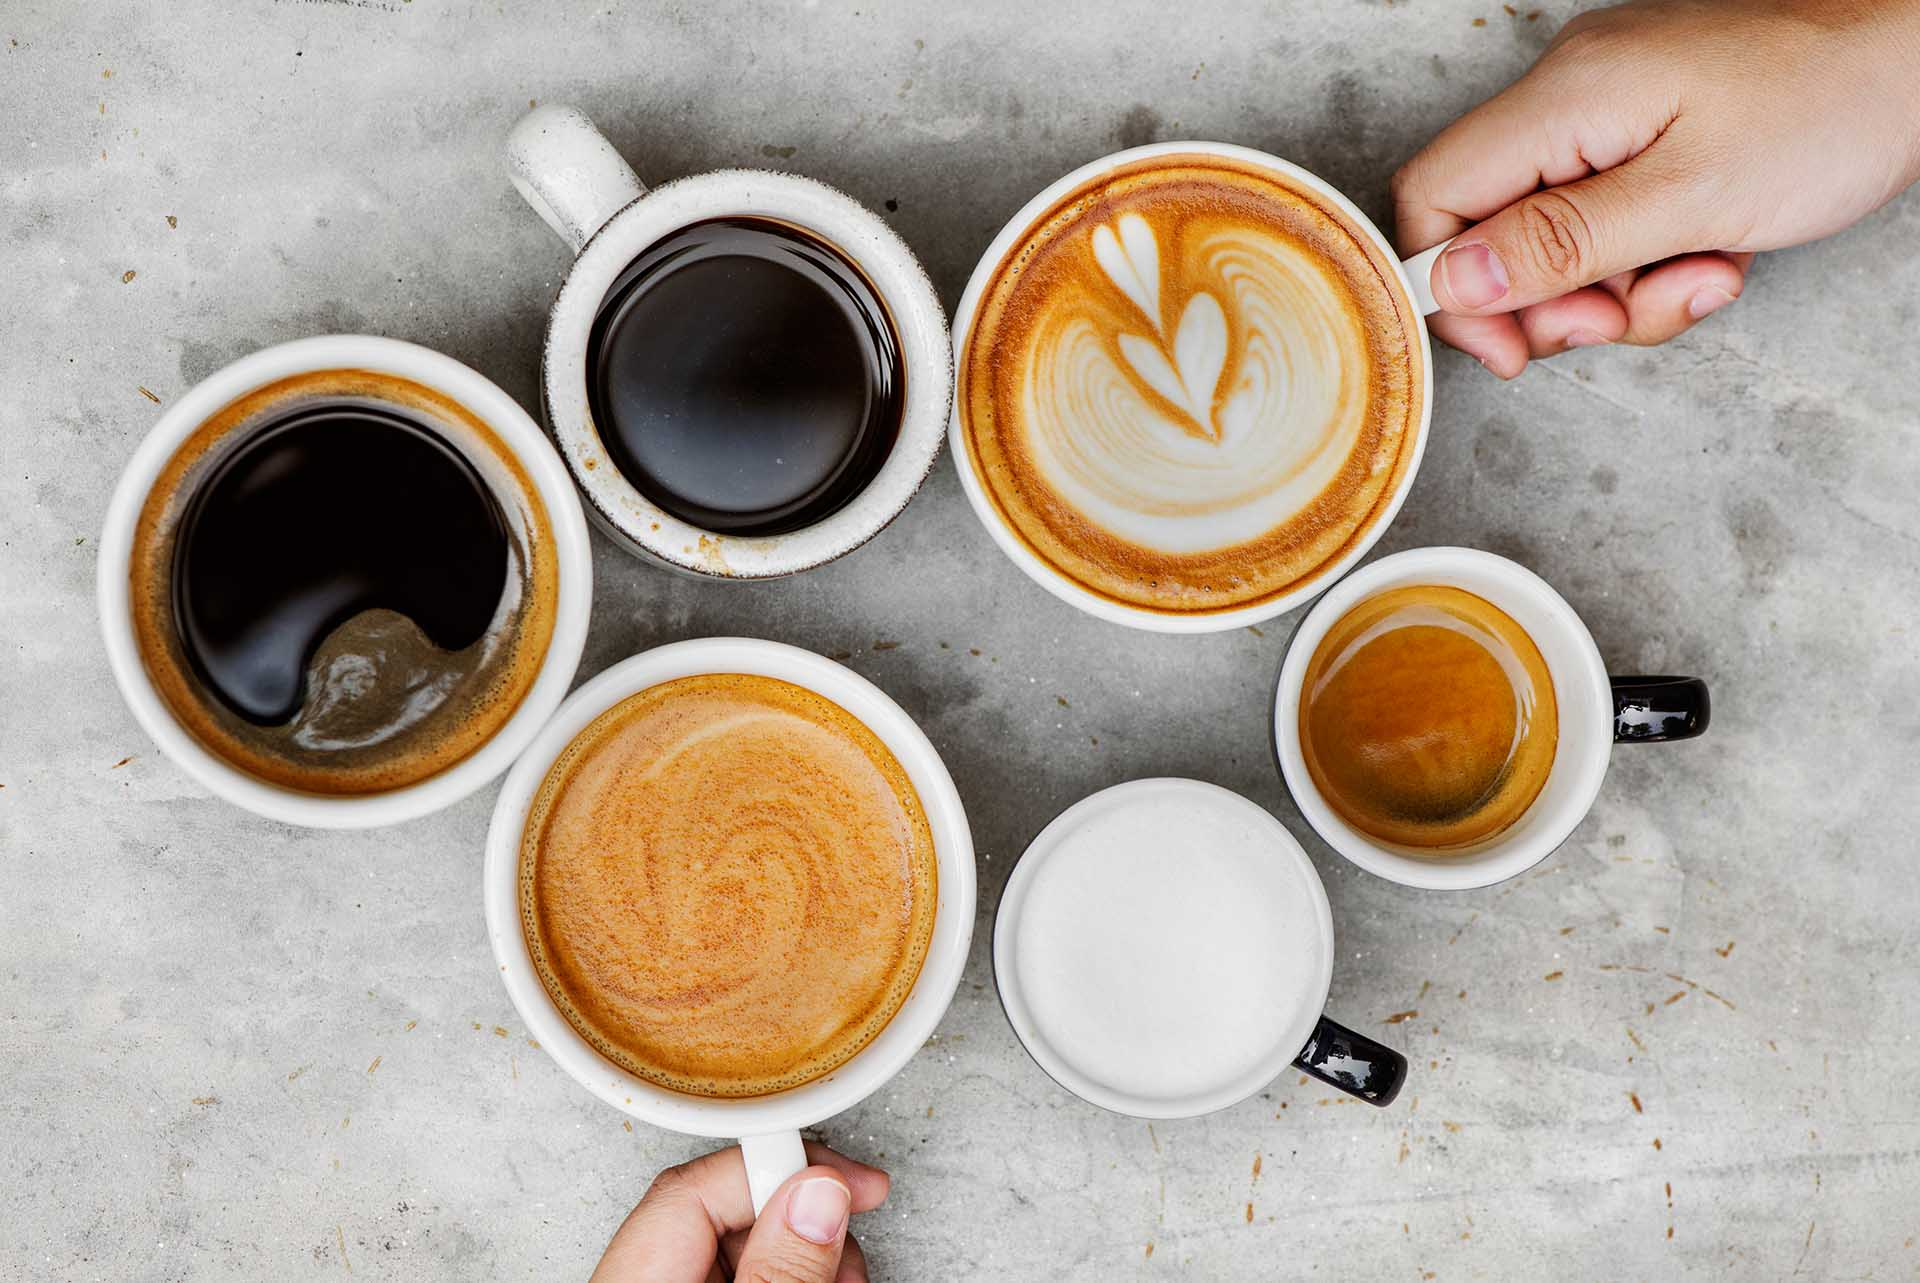 Sağlıklı Kahve Tüketimi İçin İpuçları